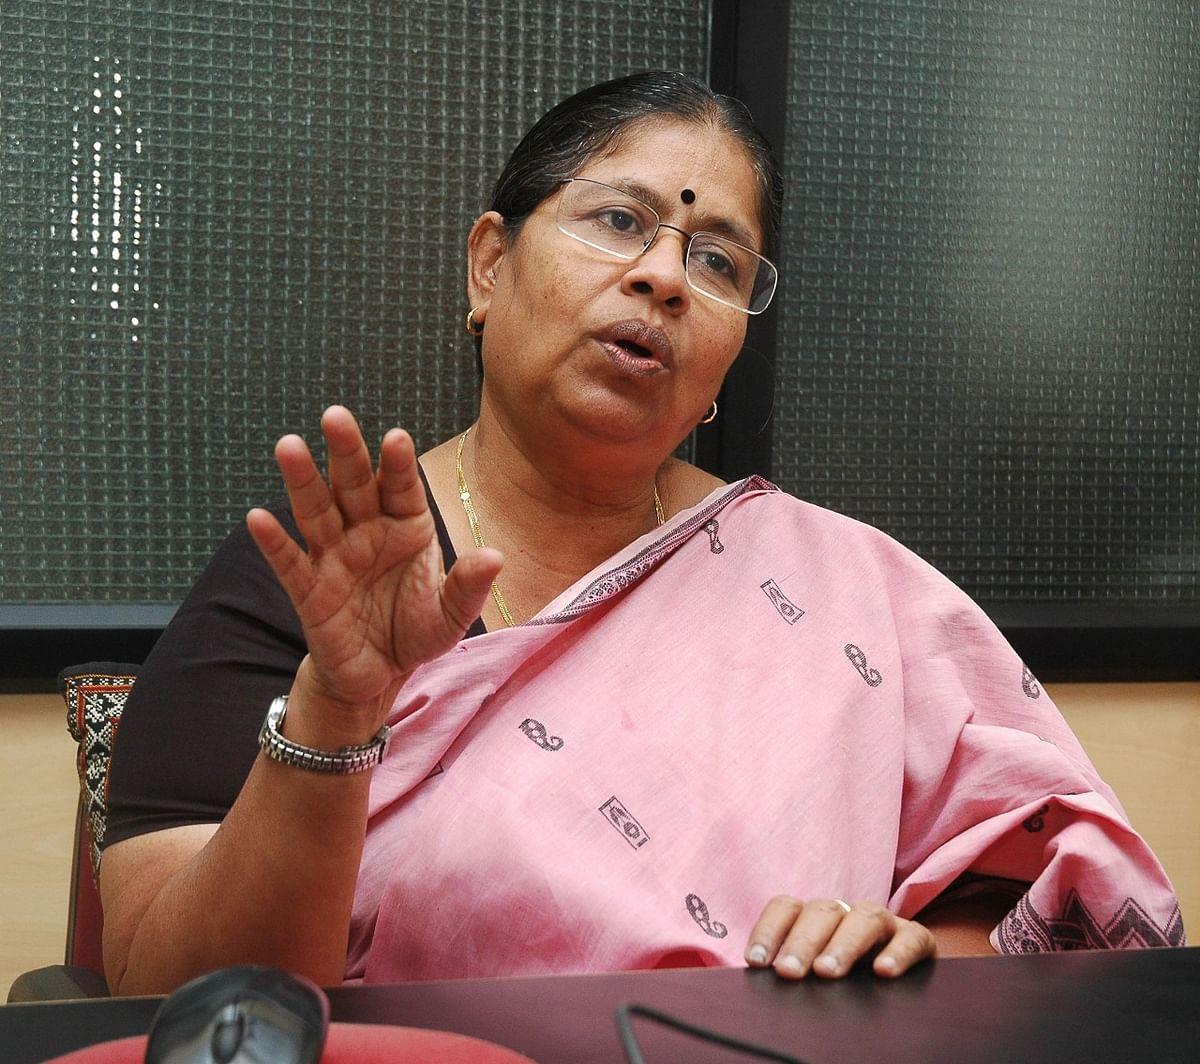 வழக்கறிஞர் சுதா ராமலிங்கம்